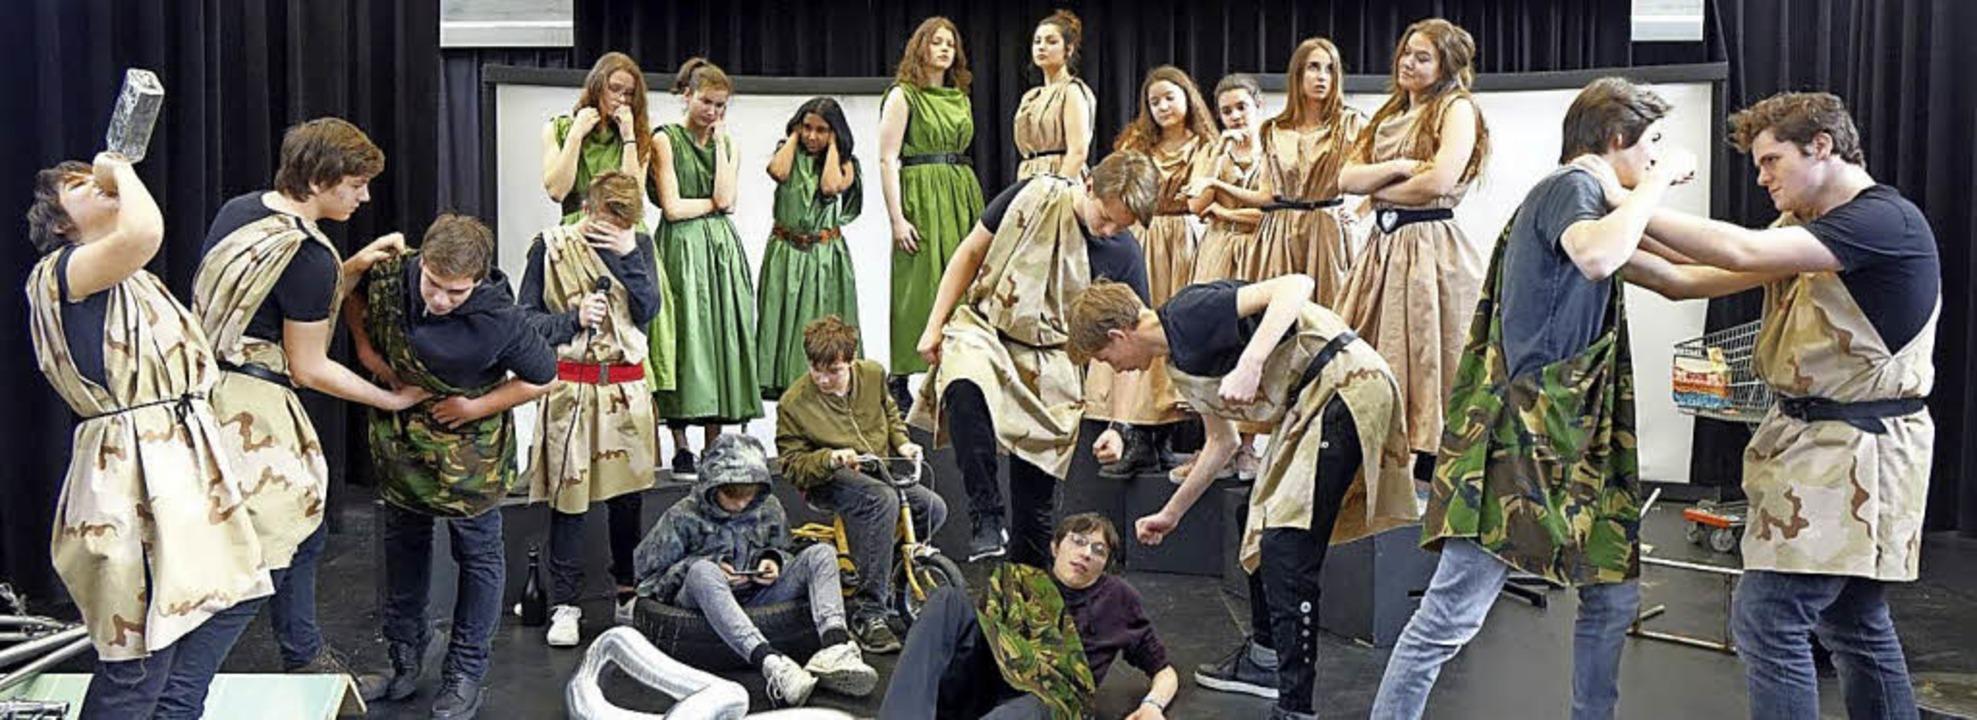 <BZ-FotoAnlauf>Theater </BZ-FotoAnlauf... um Lysistrata auf unterhaltsame Art.   | Foto: Schule